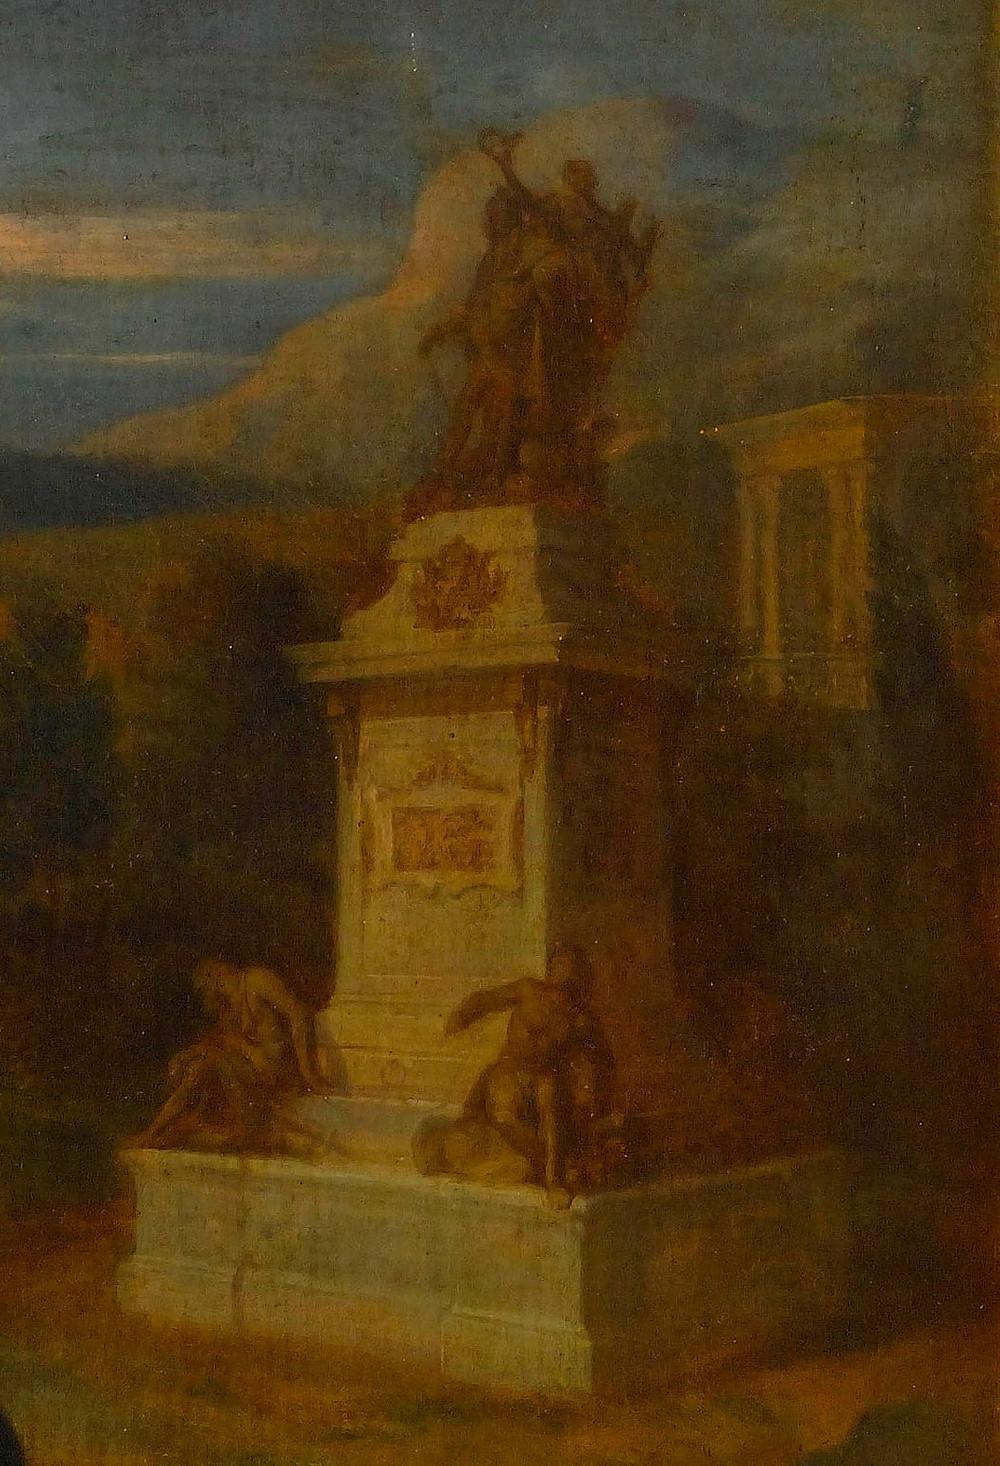 Hyacinthe Rigaud, Portrait du sculpteur Martin van den Bogaert dit Desjardins, 1683, détail, Versailles, musée national du château et des Trianons, inv. MV 3583